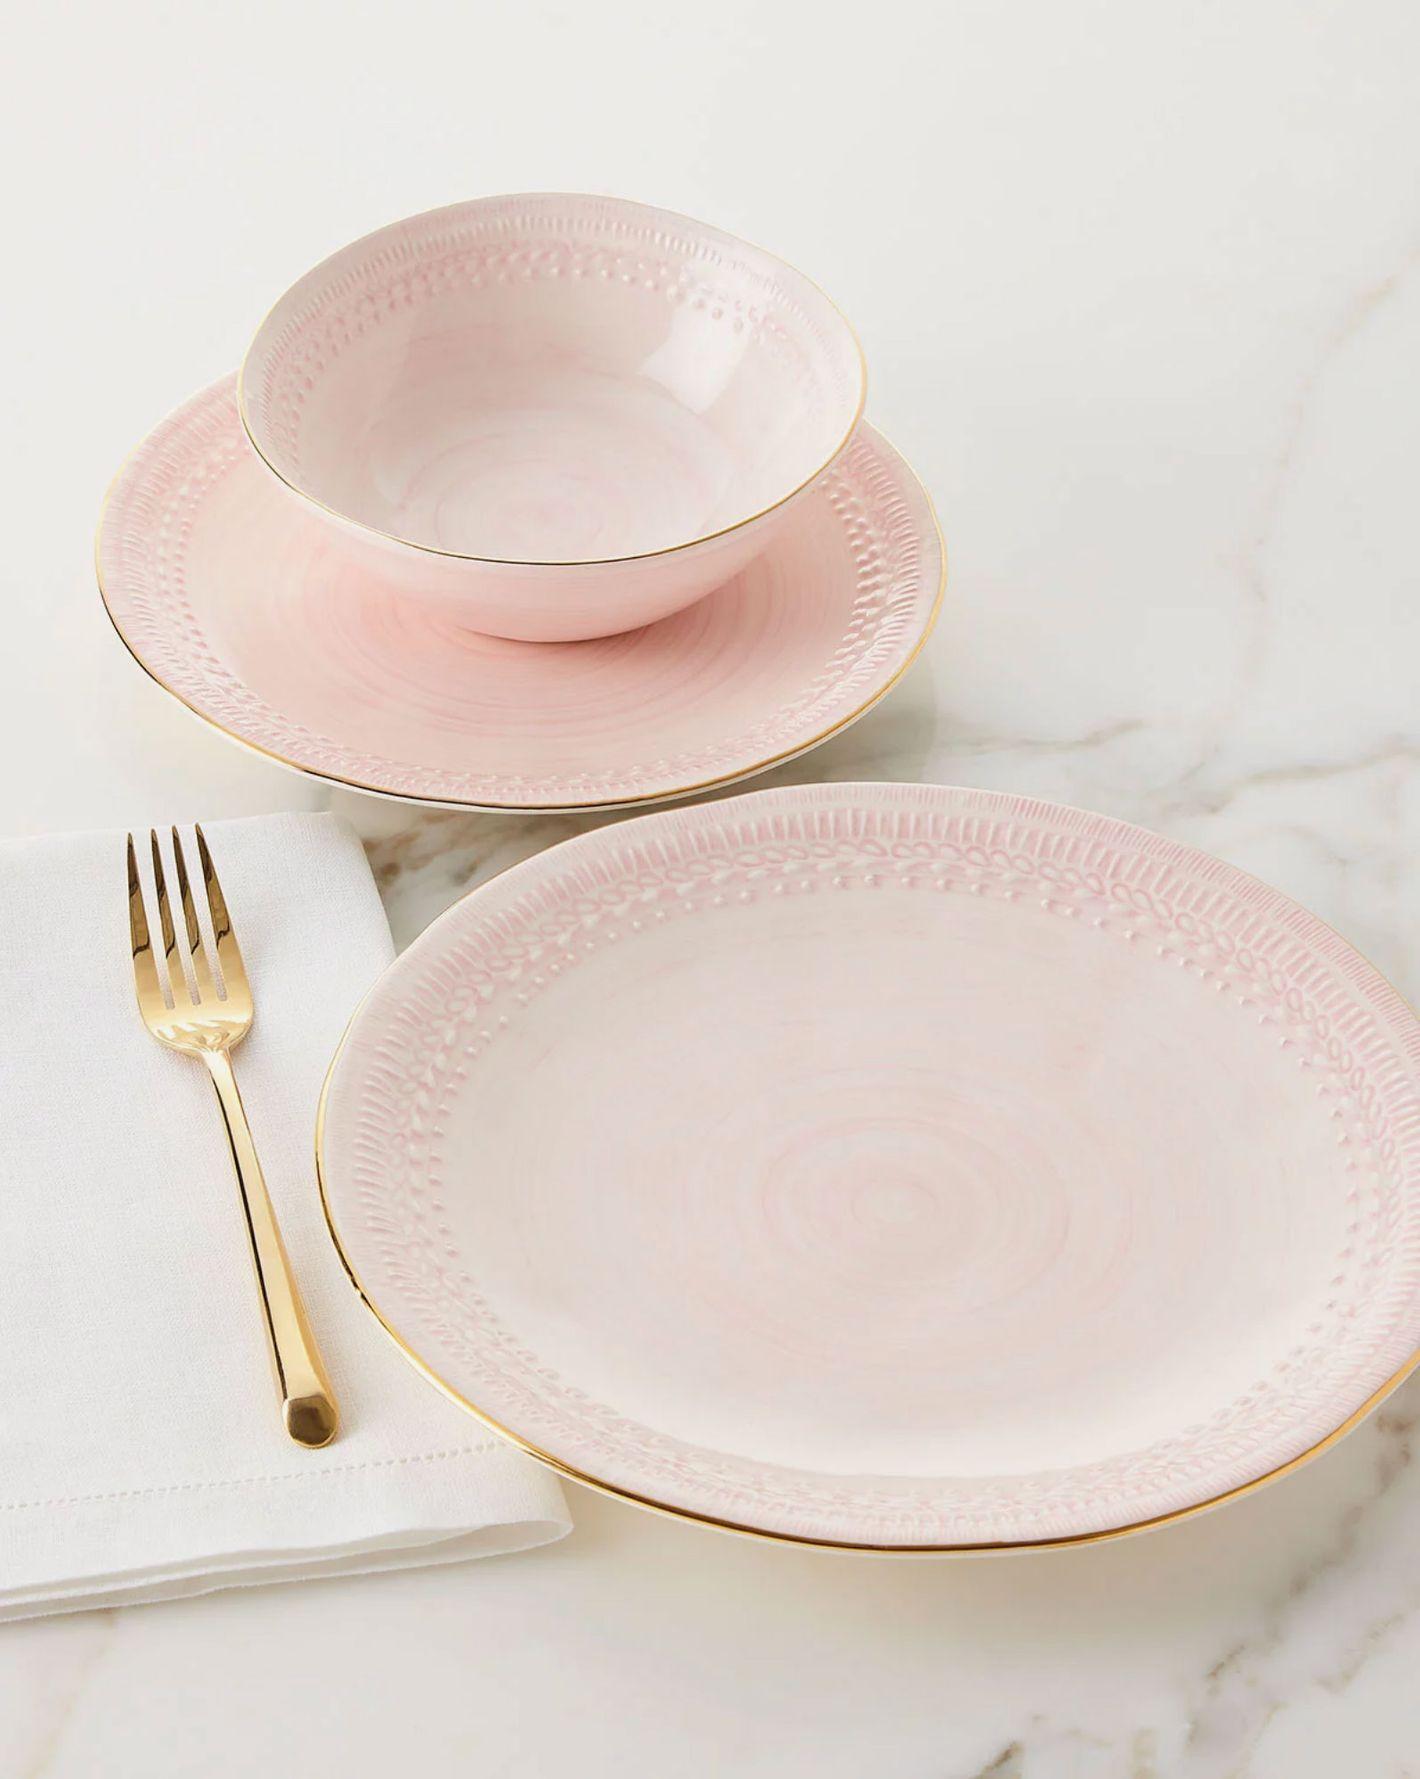 Neiman Marcus 12-Piece Pink Lace Dinnerware Service